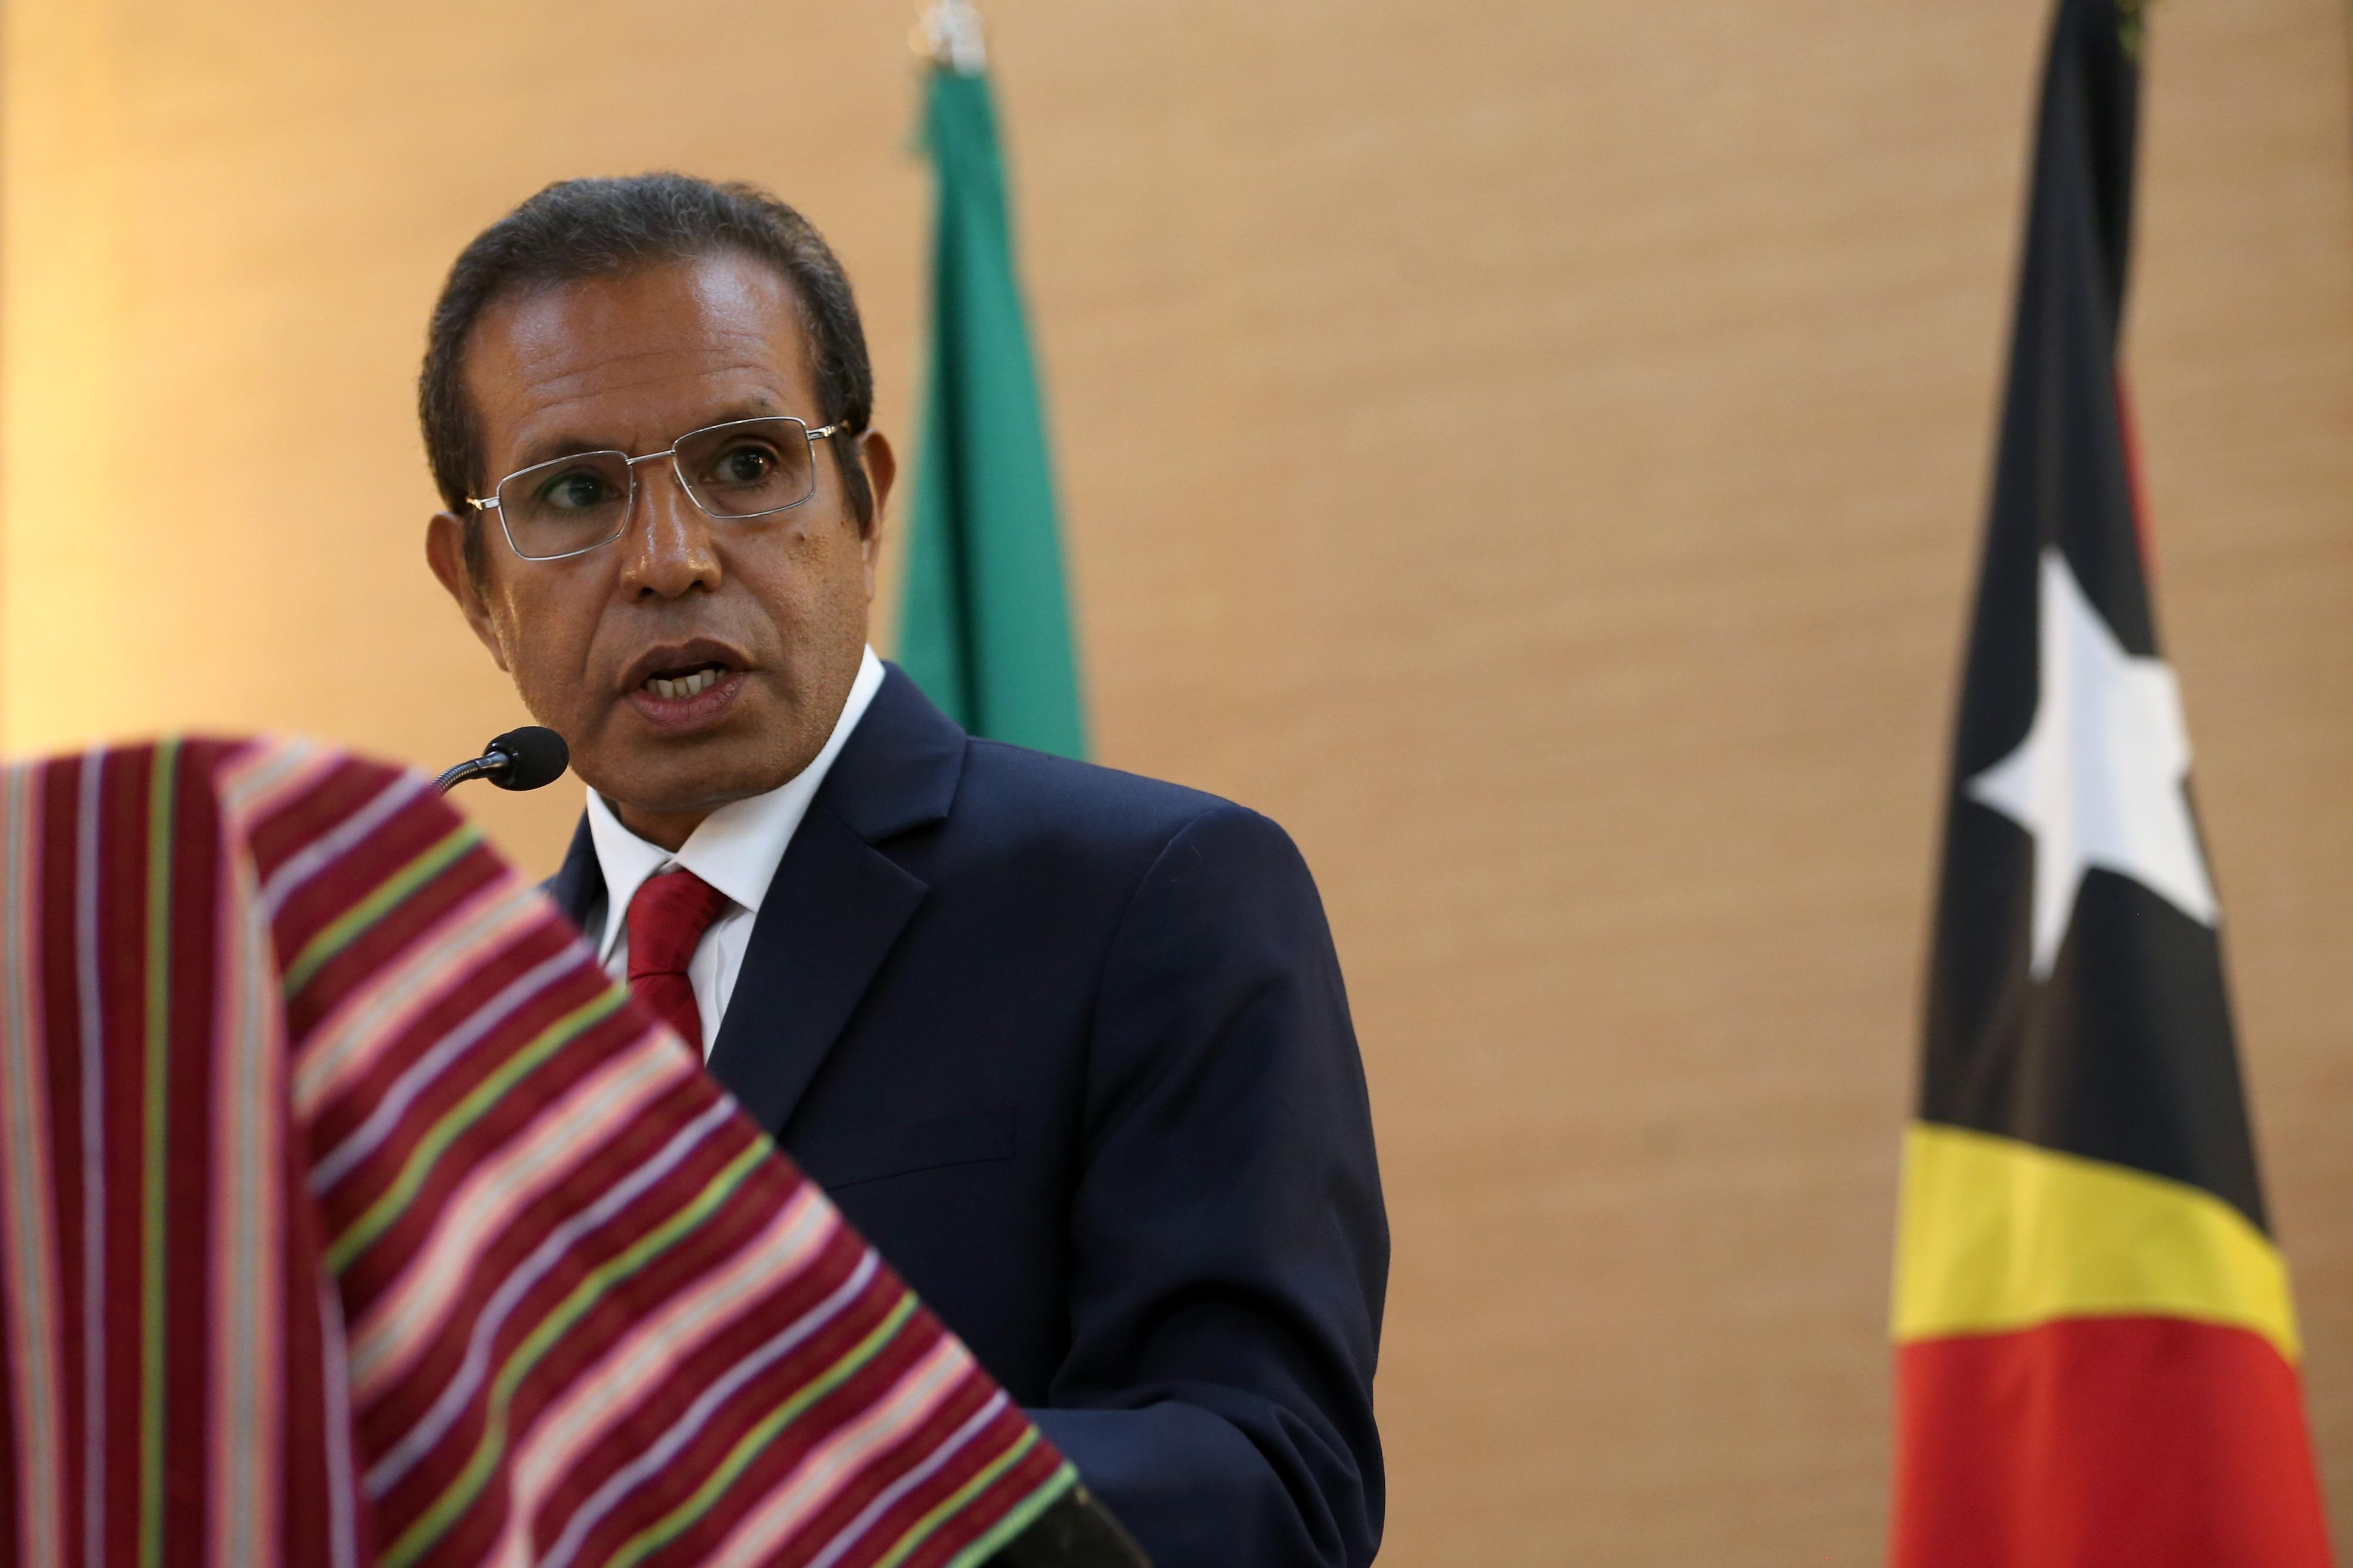 Presidente da República timorense saúda posse de Trump e reitera vontade de aprofundar laços bilaterais